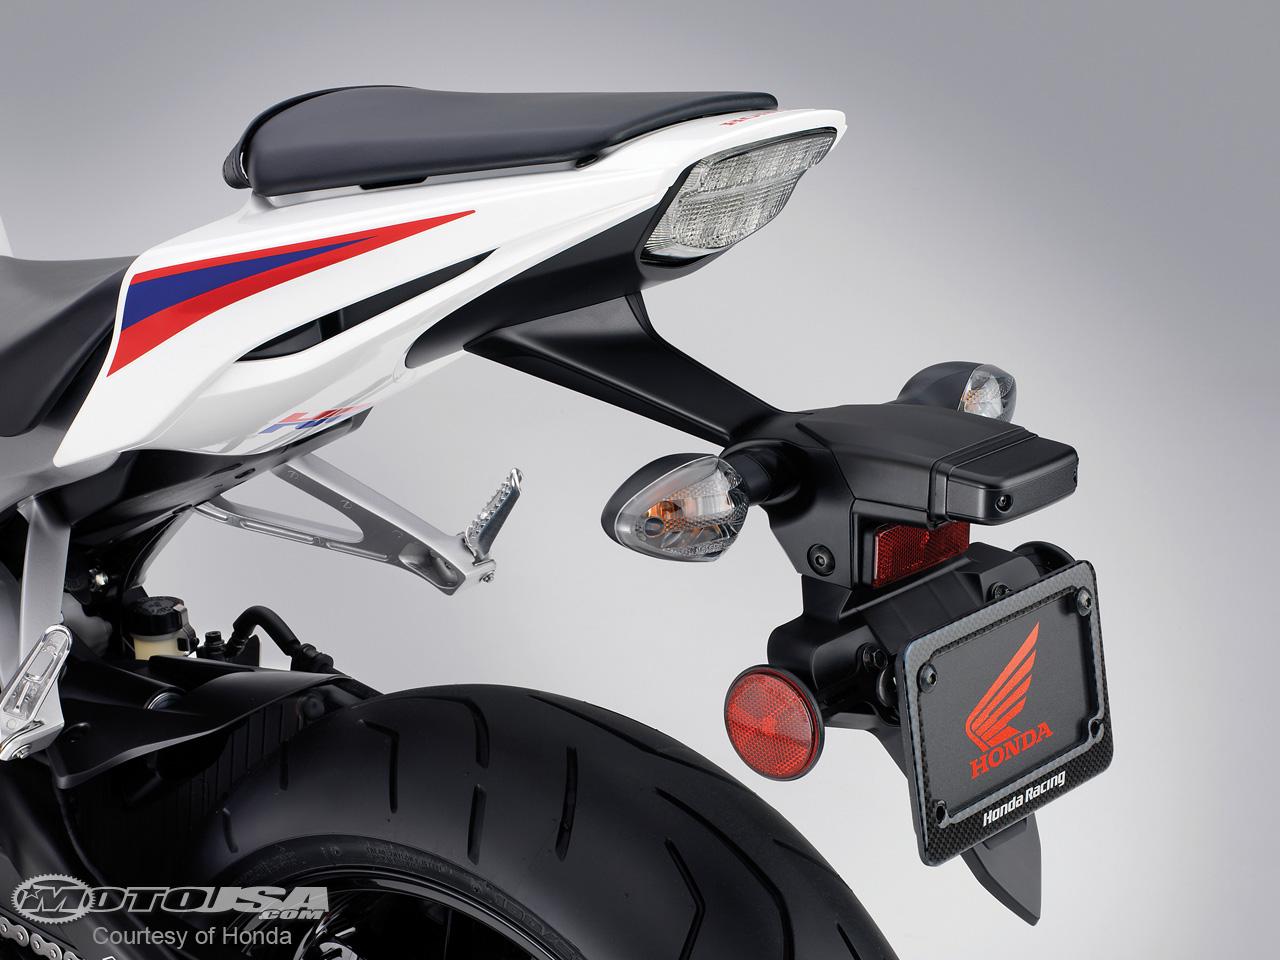 款本田CBR1000RR摩托车图片3